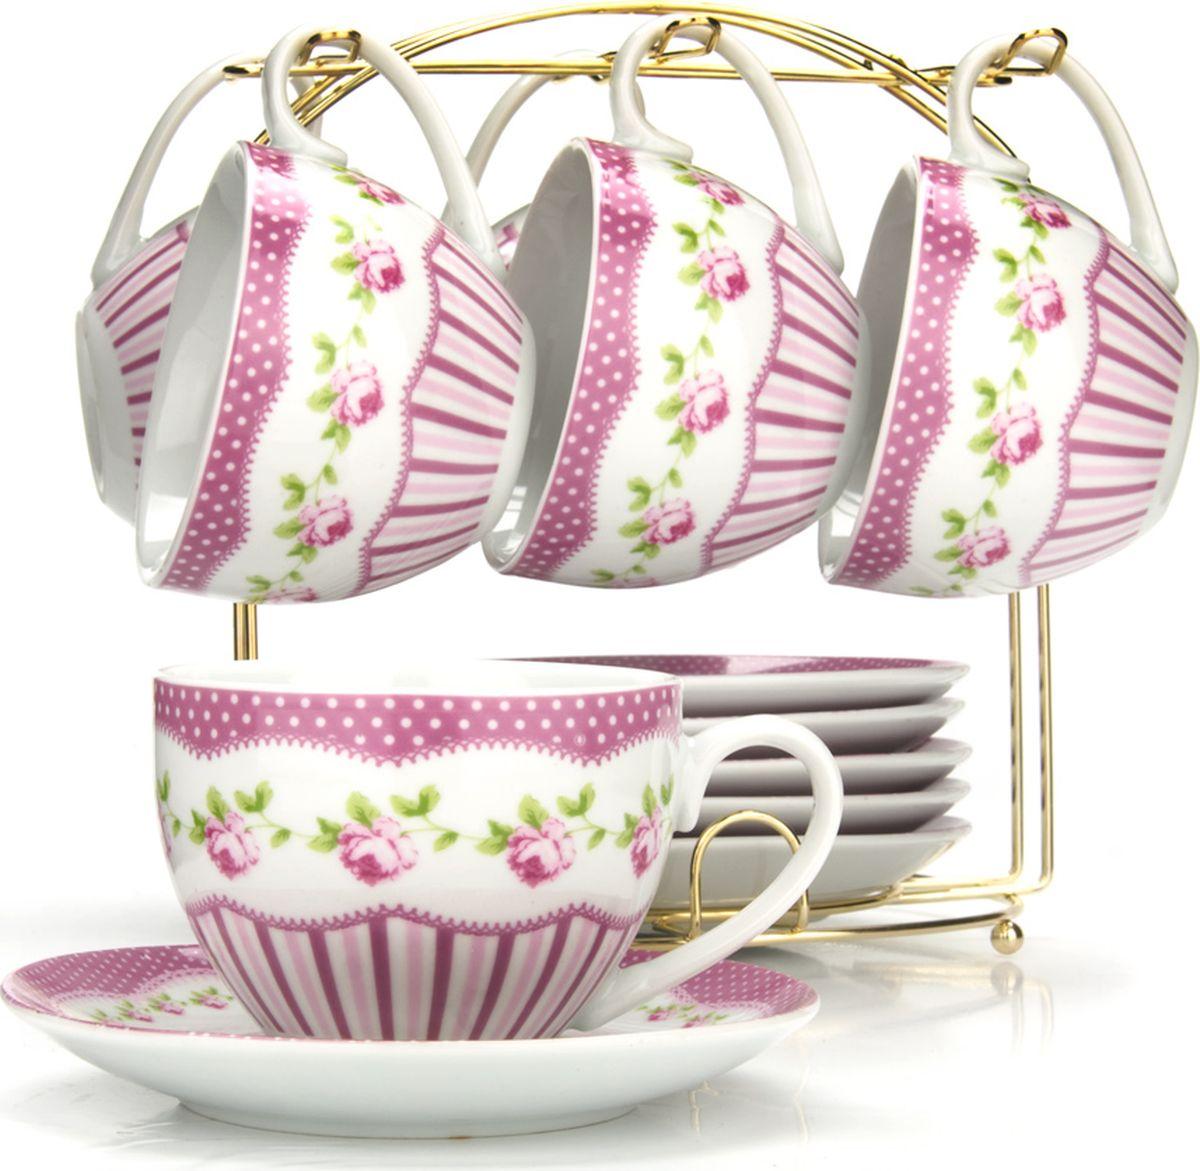 Сервиз чайный Loraine, на подставке, 13 предметов. 43298VT-1520(SR)Чайный набор состоит из шести чашек, шести блюдец и металлической подставки золотого цвета. Предметы набора изготовлены из качественного фарфора и оформлены красочным цветным рисунком. Чайный набор идеально подойдет для сервировки стола и станет отличным подарком к любому празднику. Все изделия можно компактно хранить на подставке, входящей в набор. Подходит для мытья в посудомоечной машине.Диаметр чашки: 9 см.Высота чашки: 7 см.Объем чашки: 220 мл.Диаметр блюдца: 14 см.